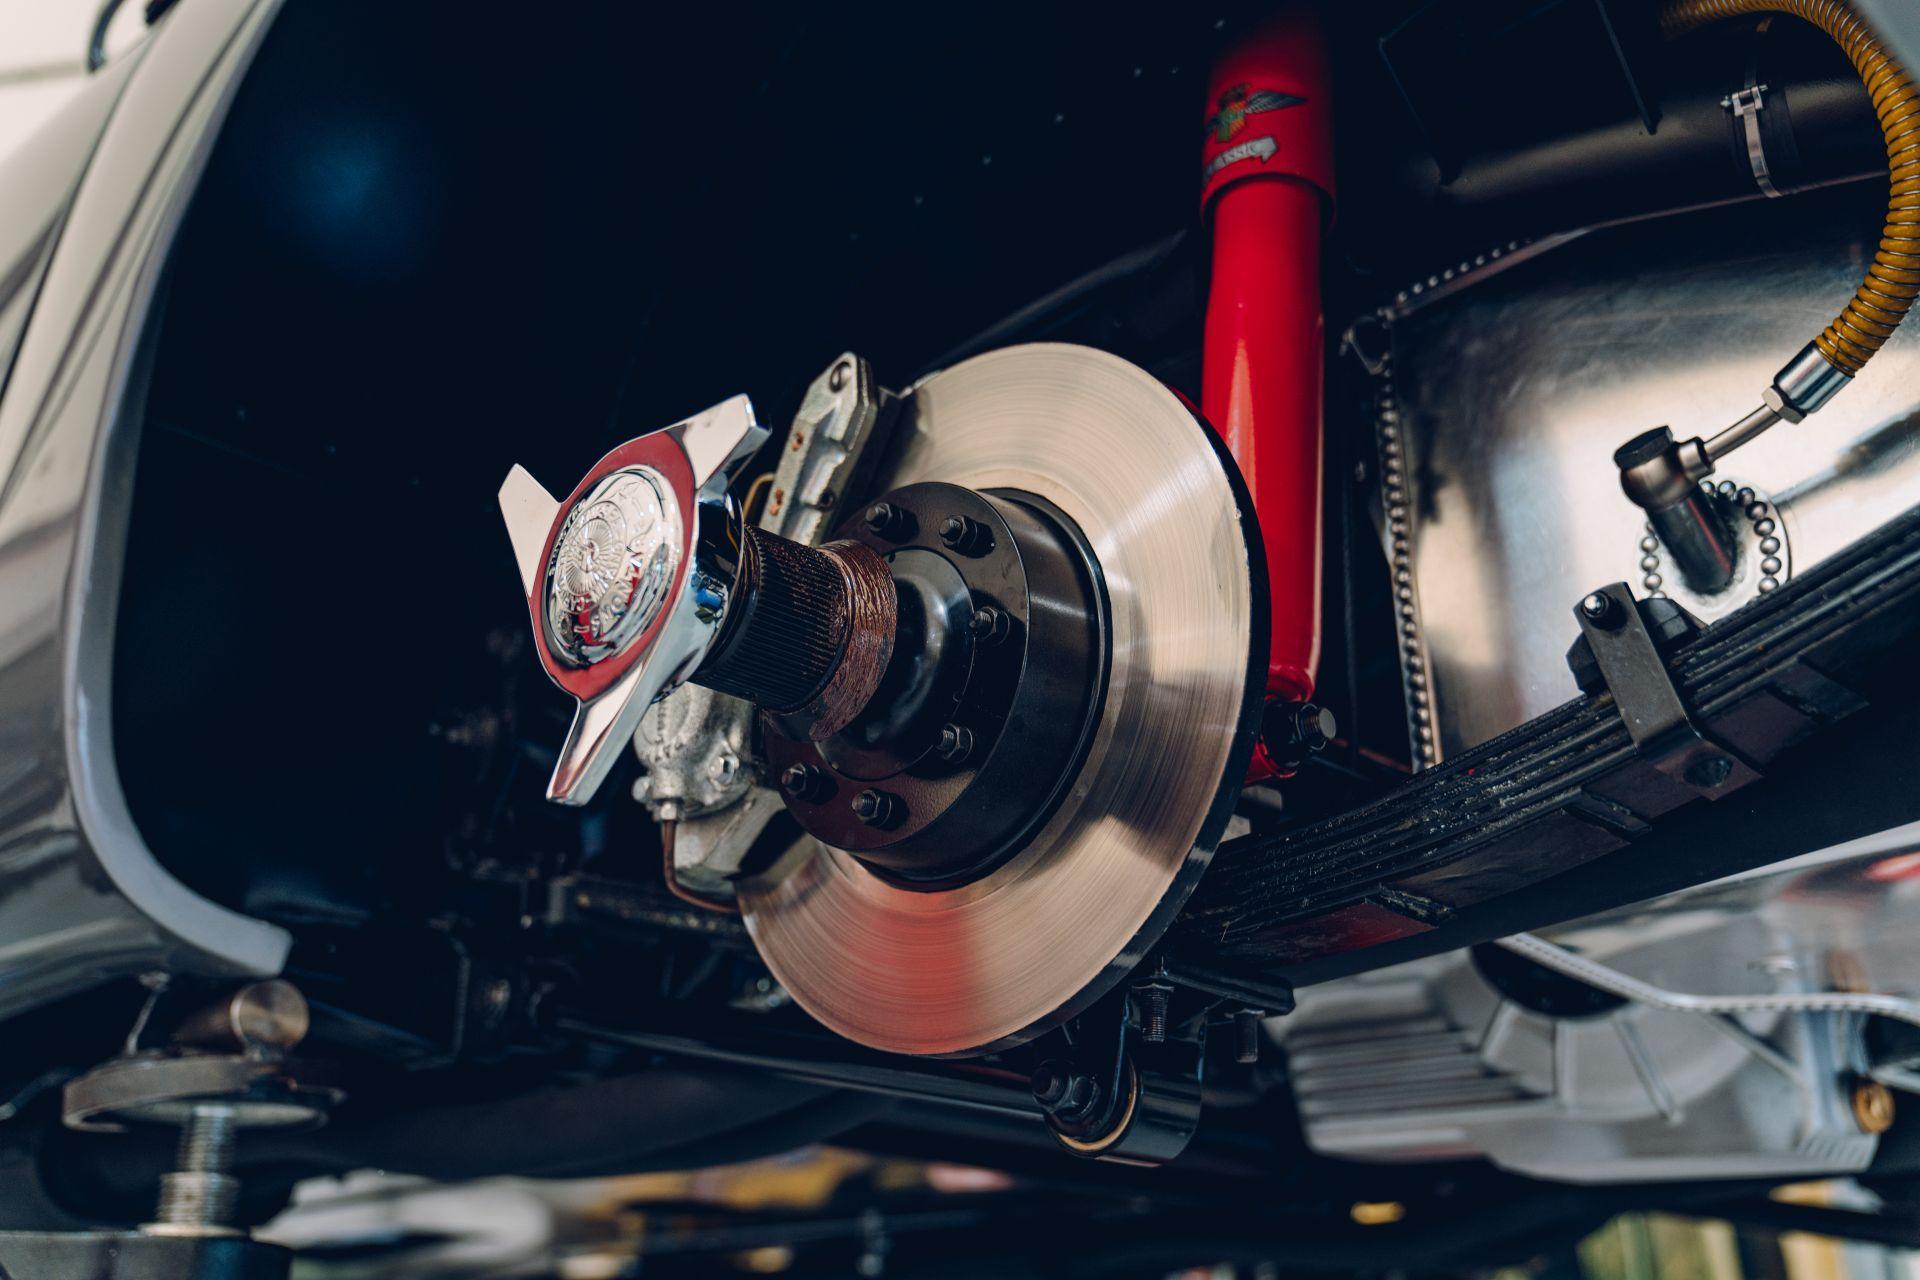 Ferrari-250-GT-SWB-Berlinetta-Competizione-Revival-by-GTO-Engineering-13